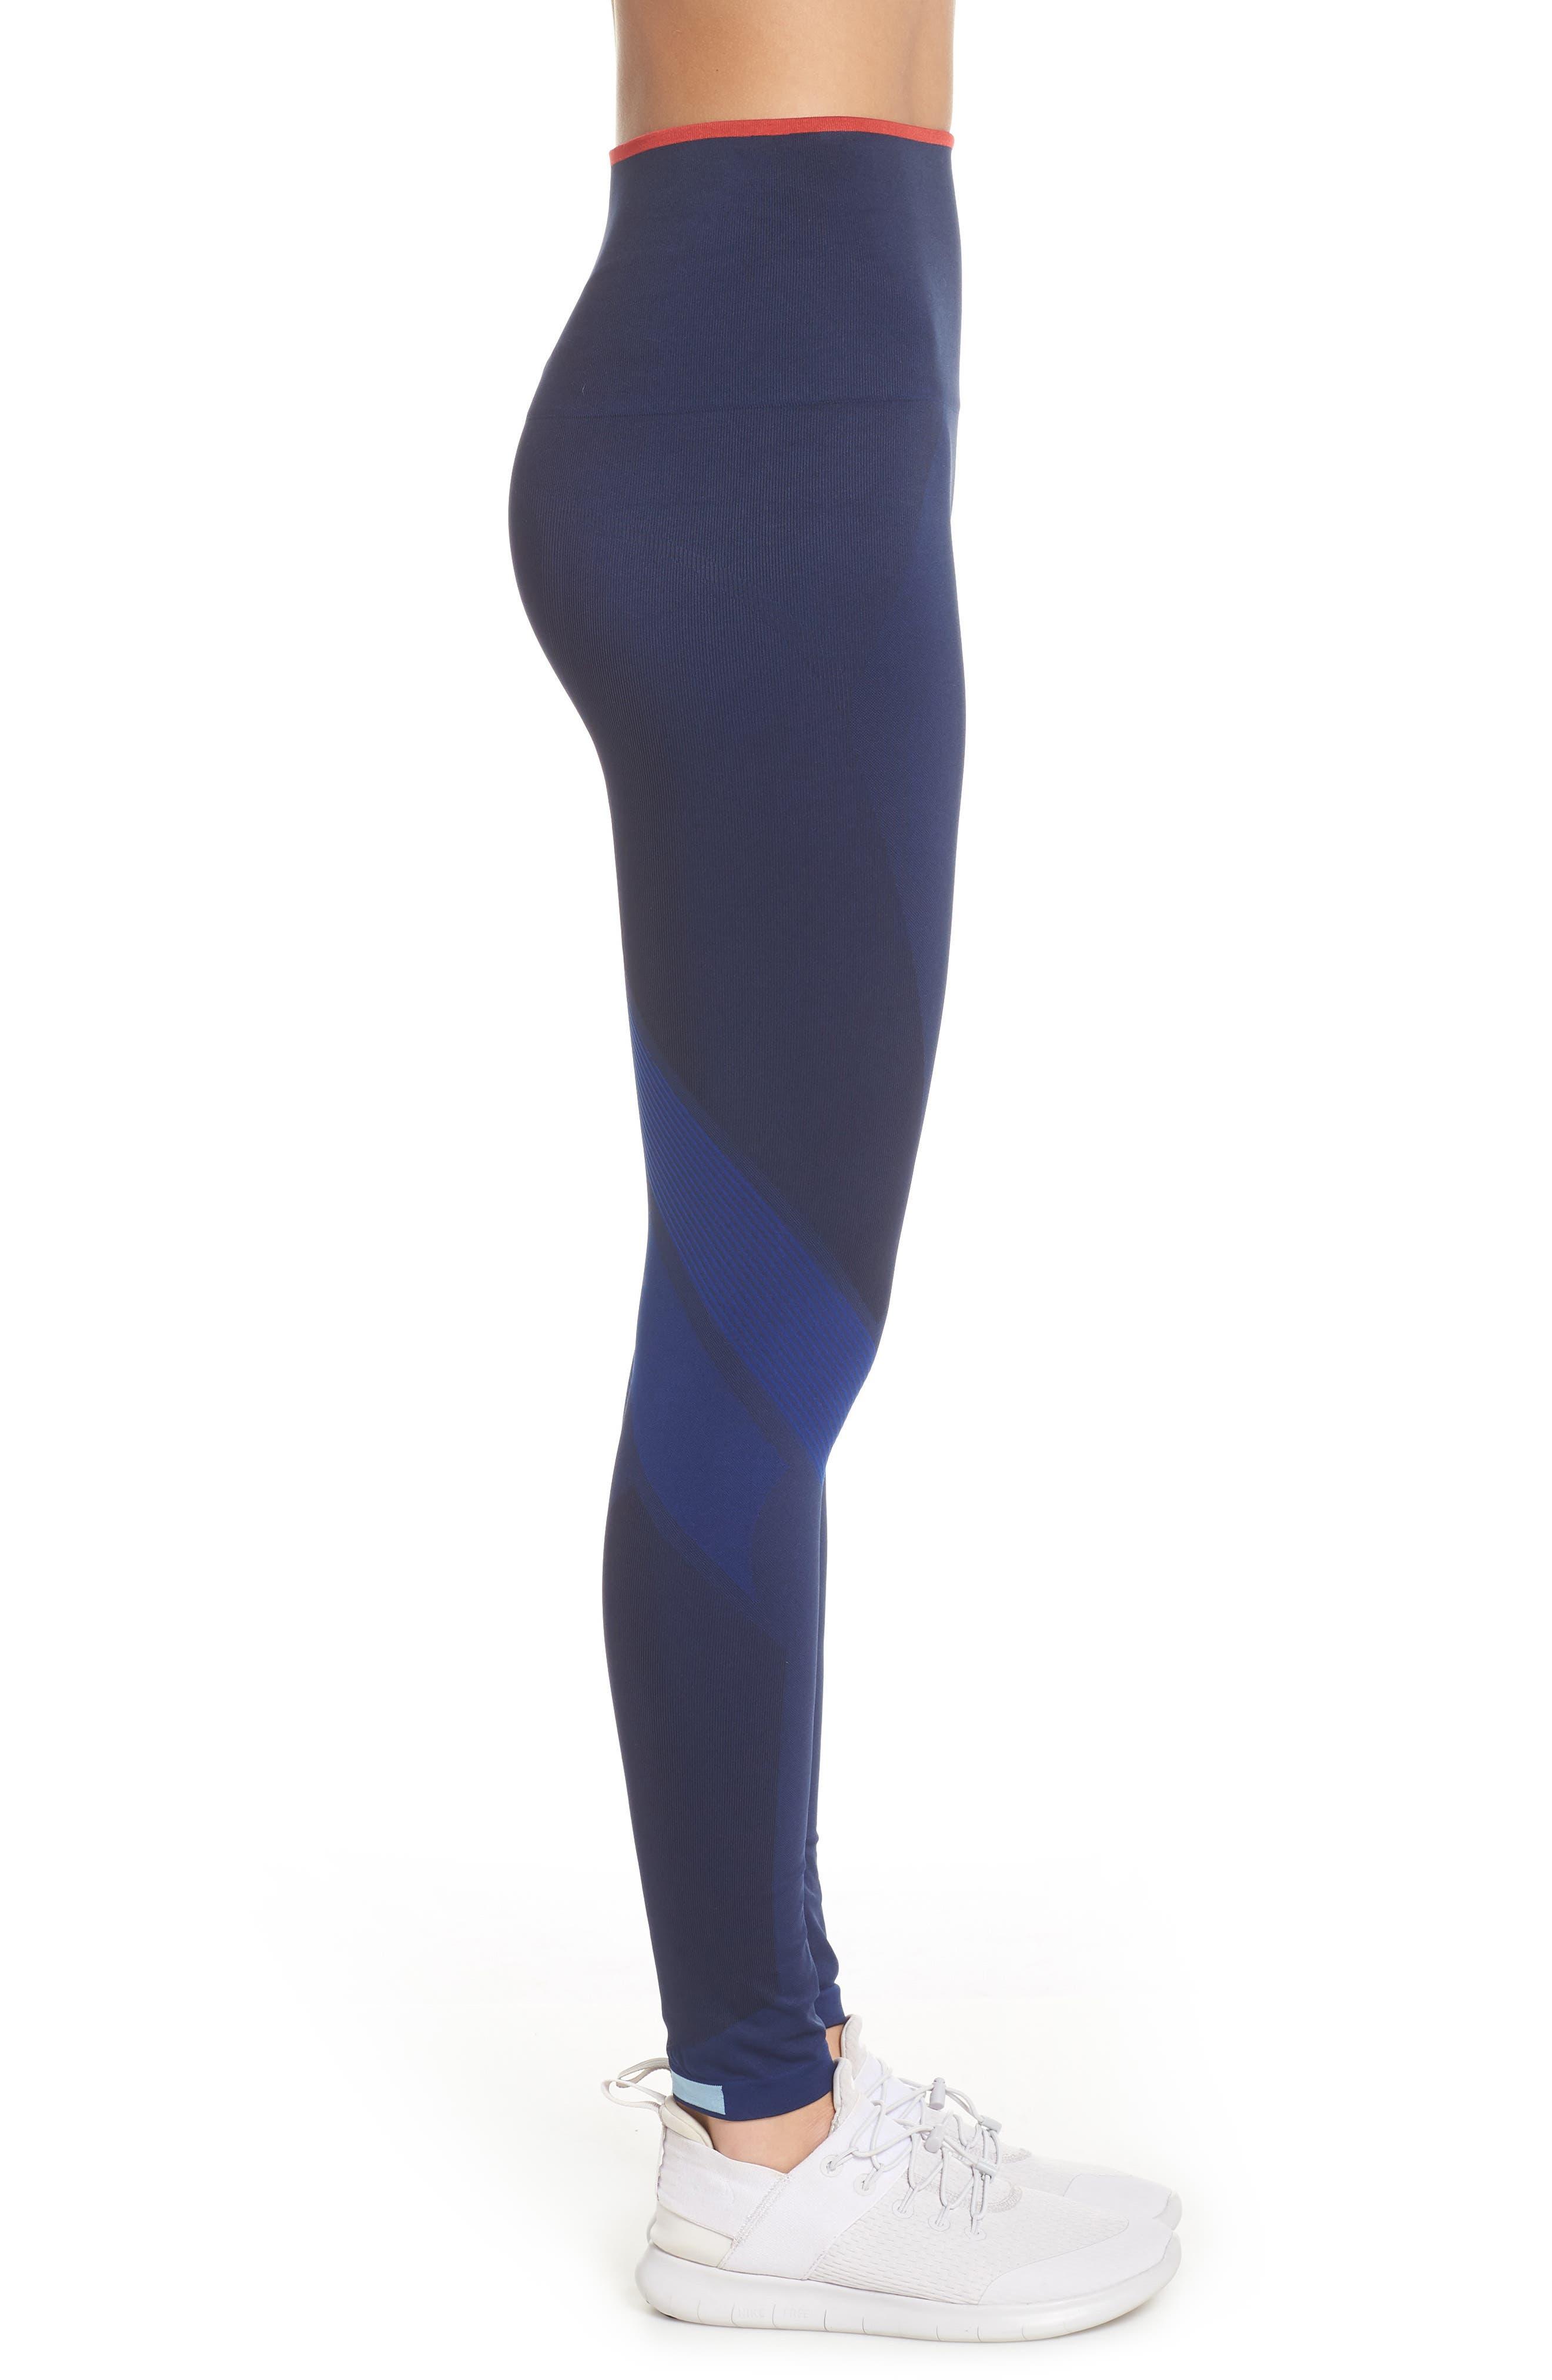 Motion High Waist Seamless Leggings,                             Alternate thumbnail 3, color,                             NAVY / BLUE